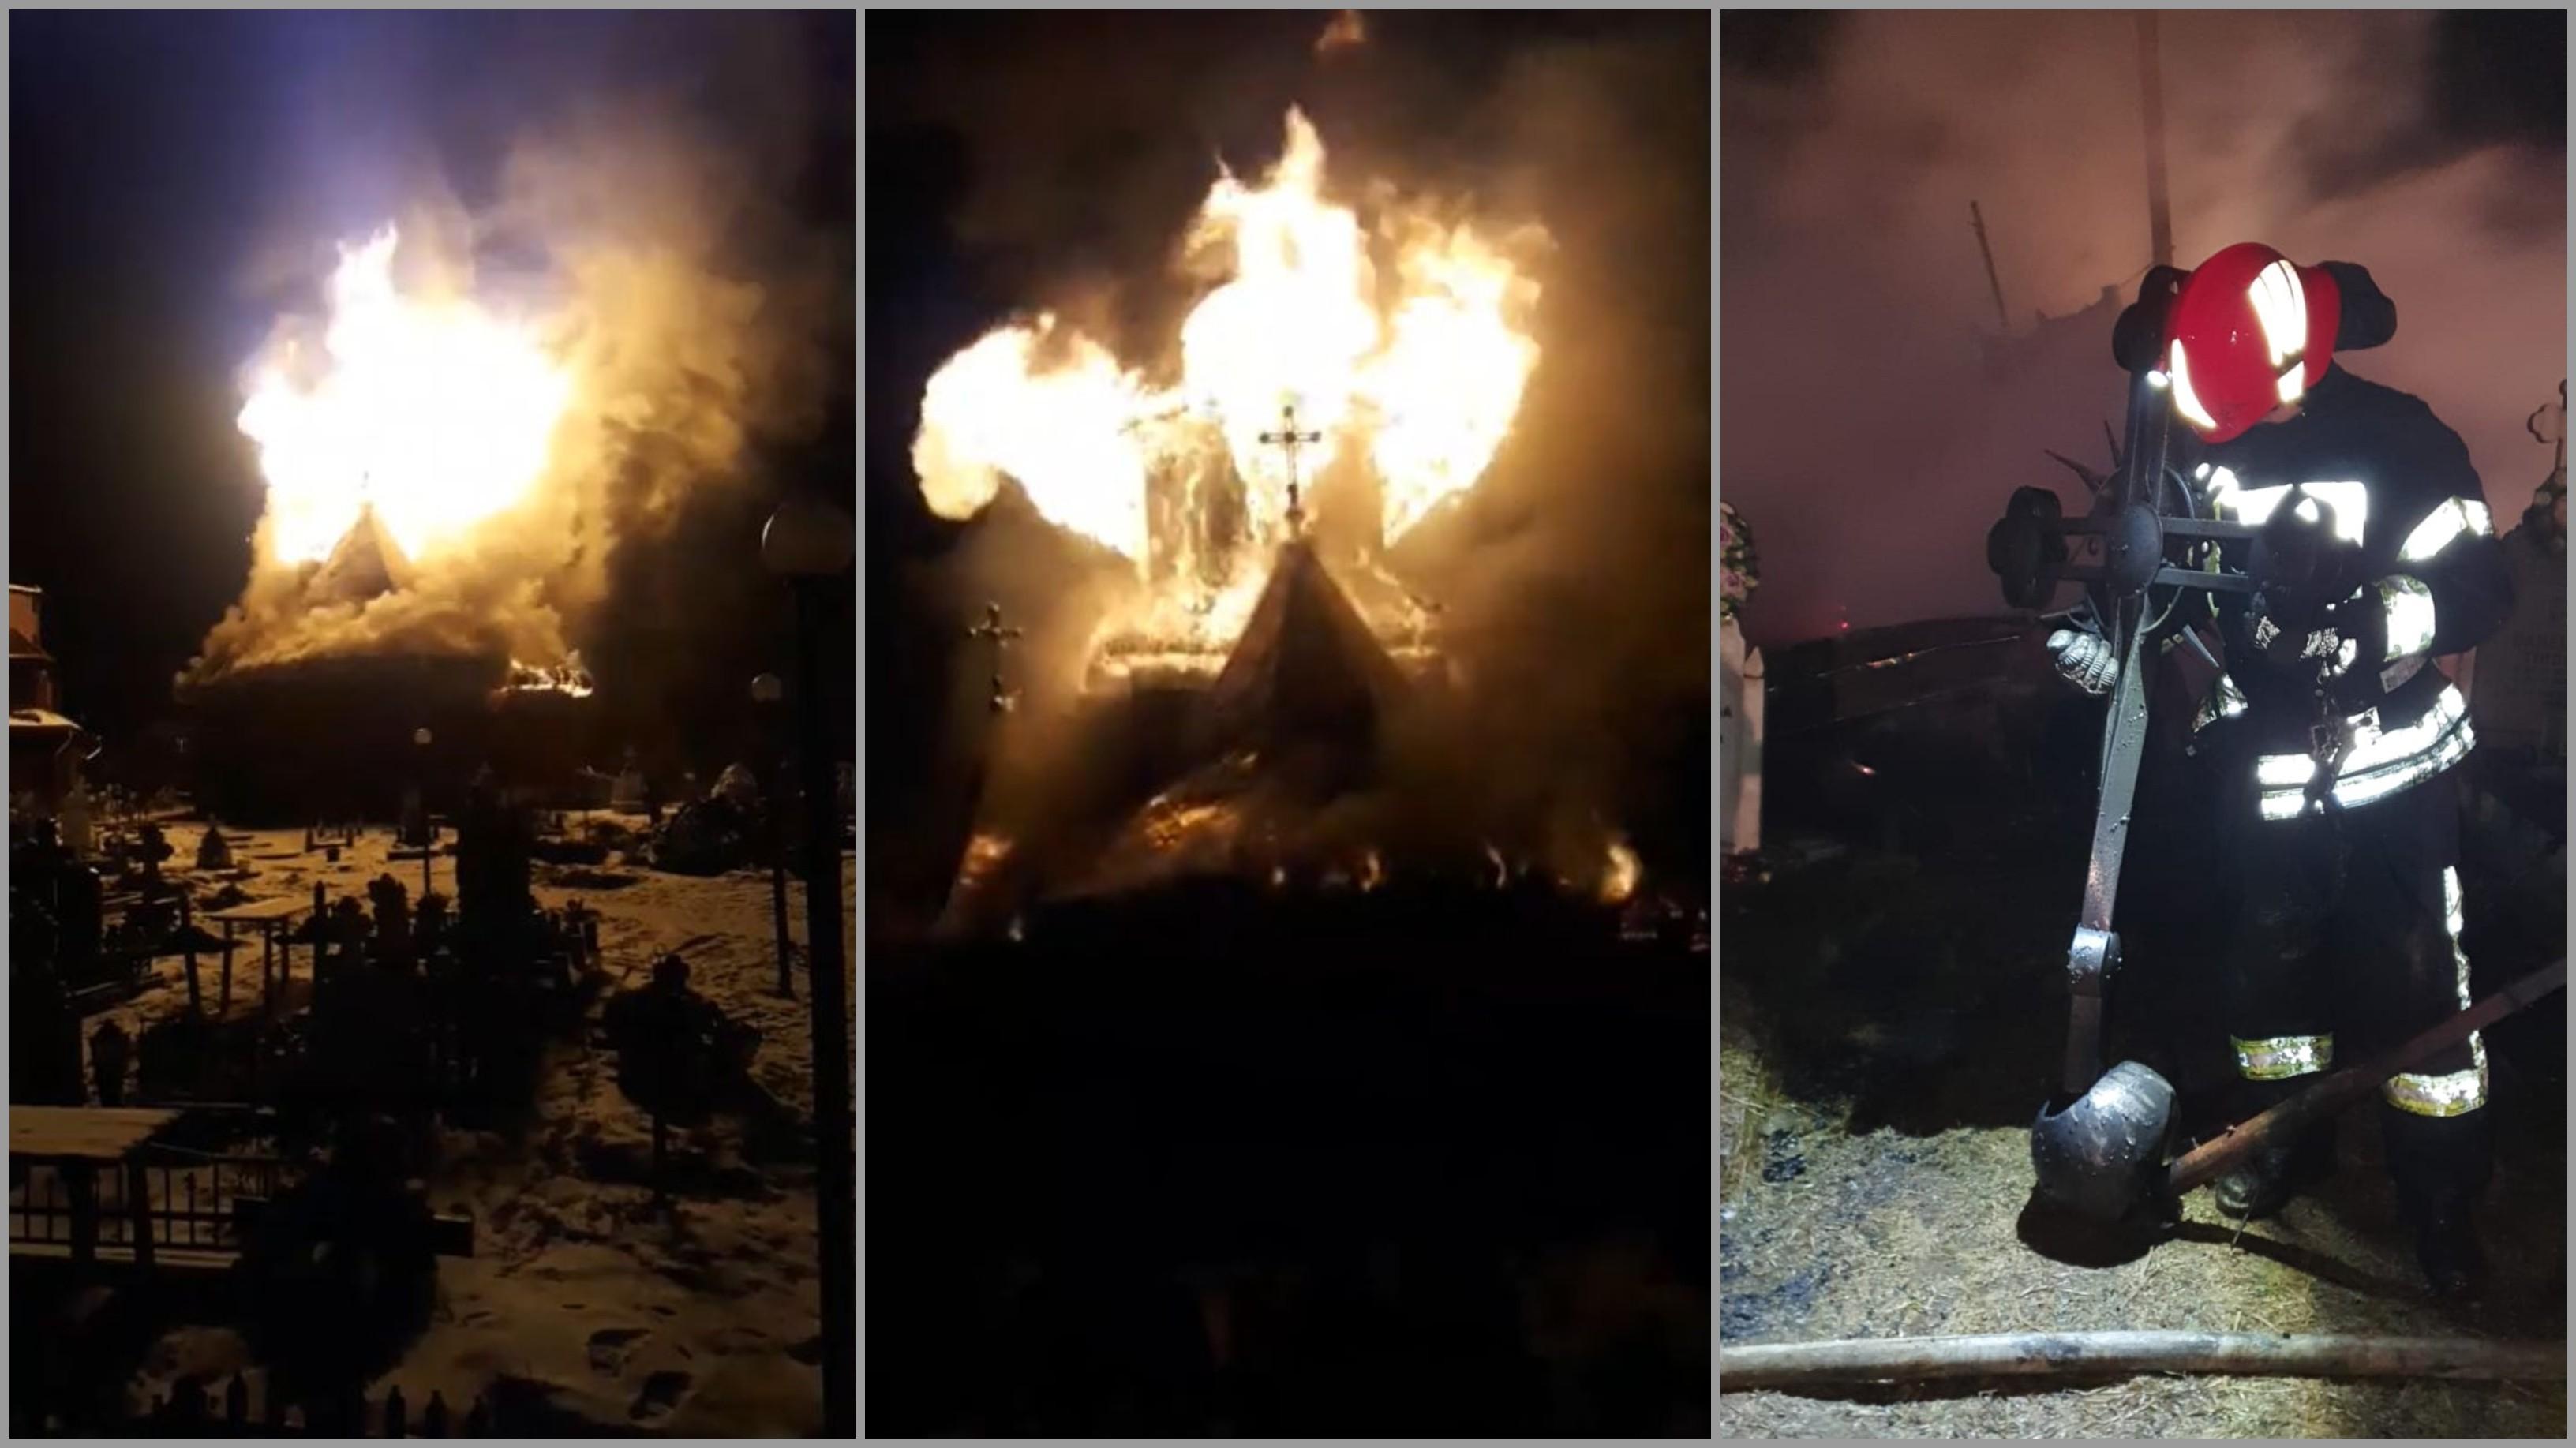 Biserică de rit vechi mistuită de flăcări în judeţul Suceava. Credincioşii sărbătoreau trecerea dintre ani și Ajunul Sfântului Vasile